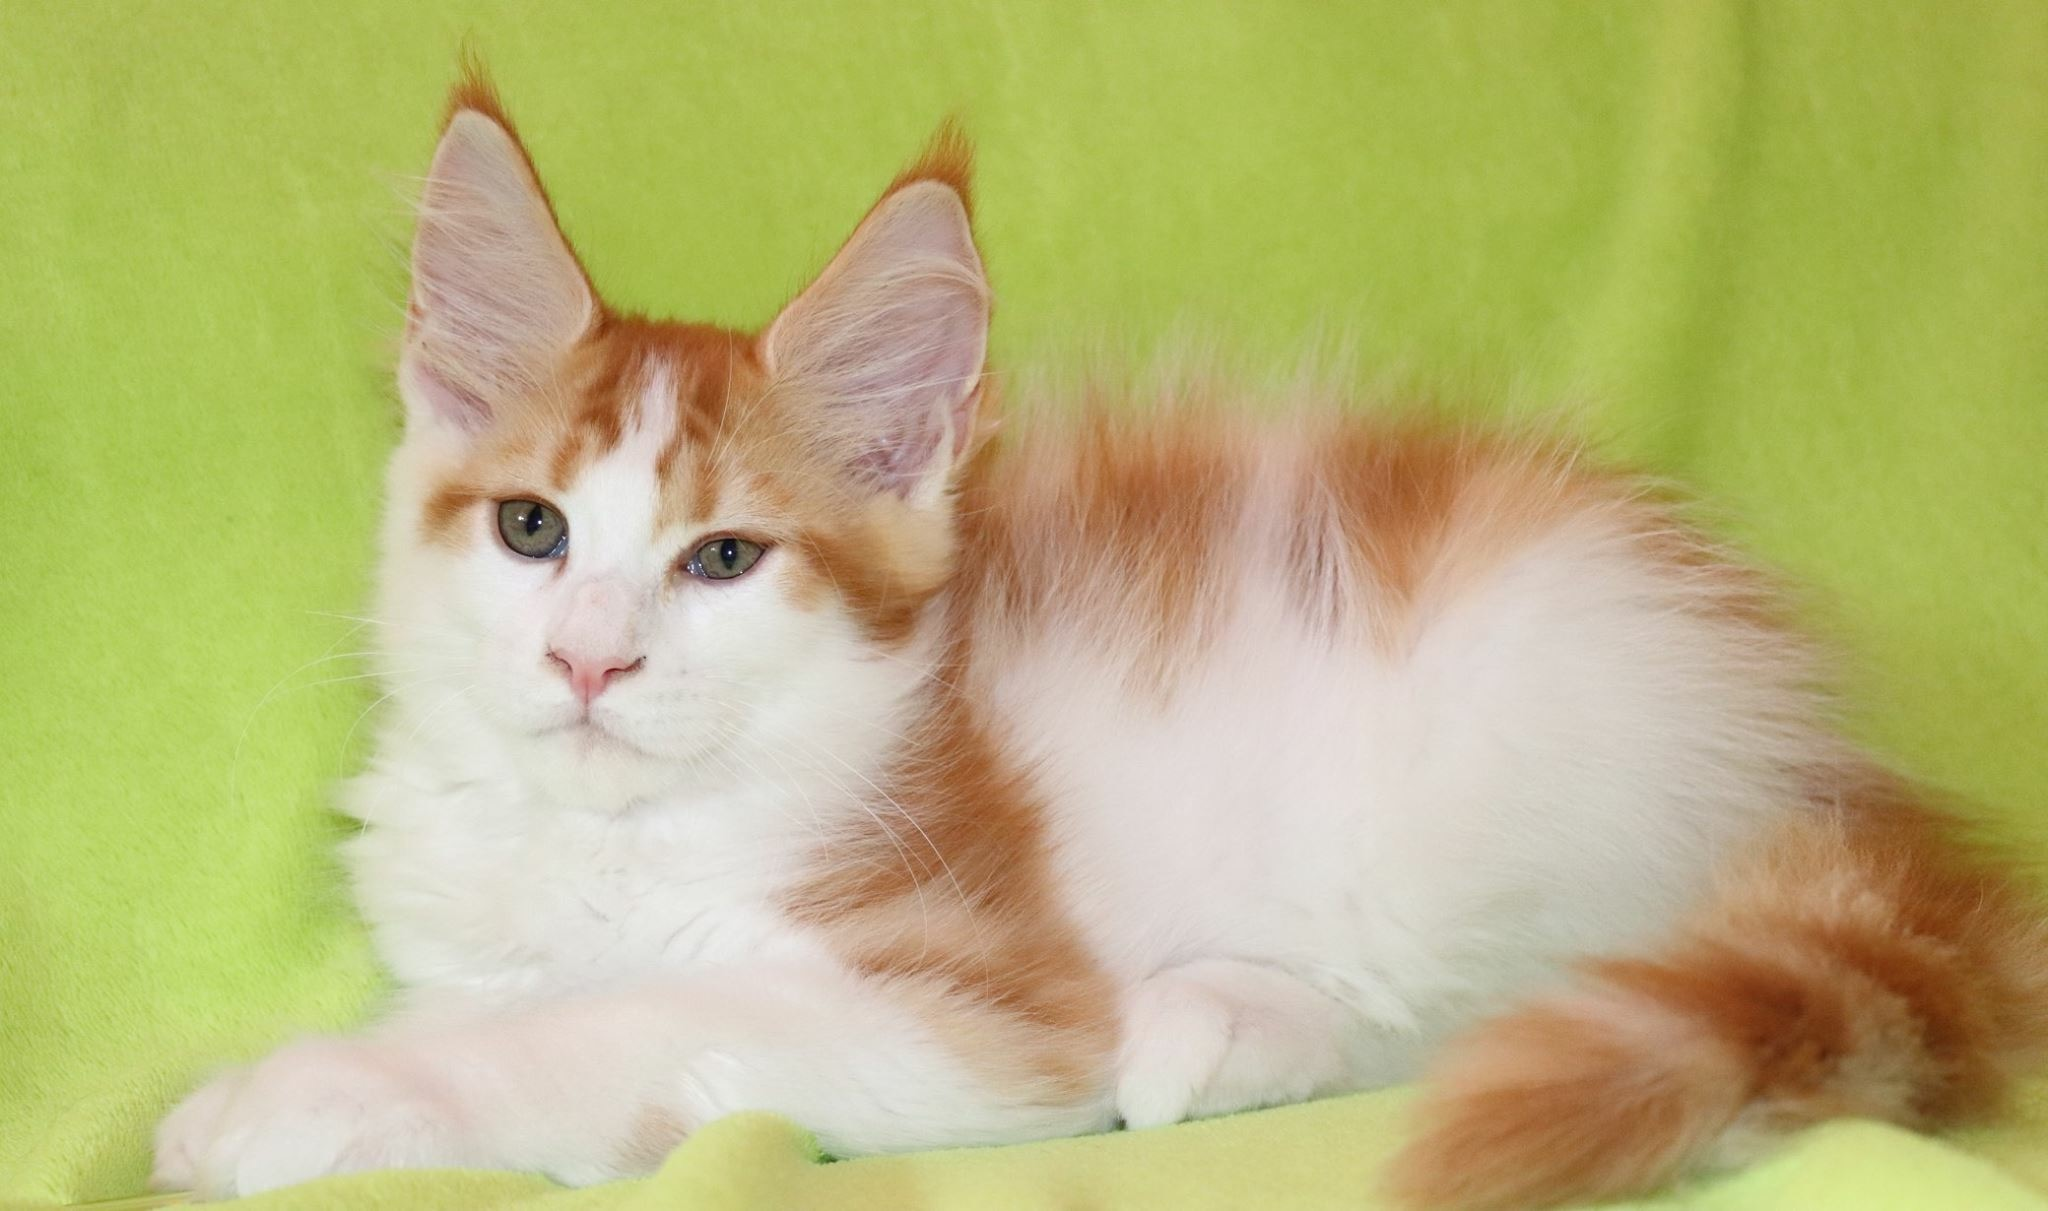 fotka kočky VRH F: FALCO von ERILLIAN*CZ 👦🏻